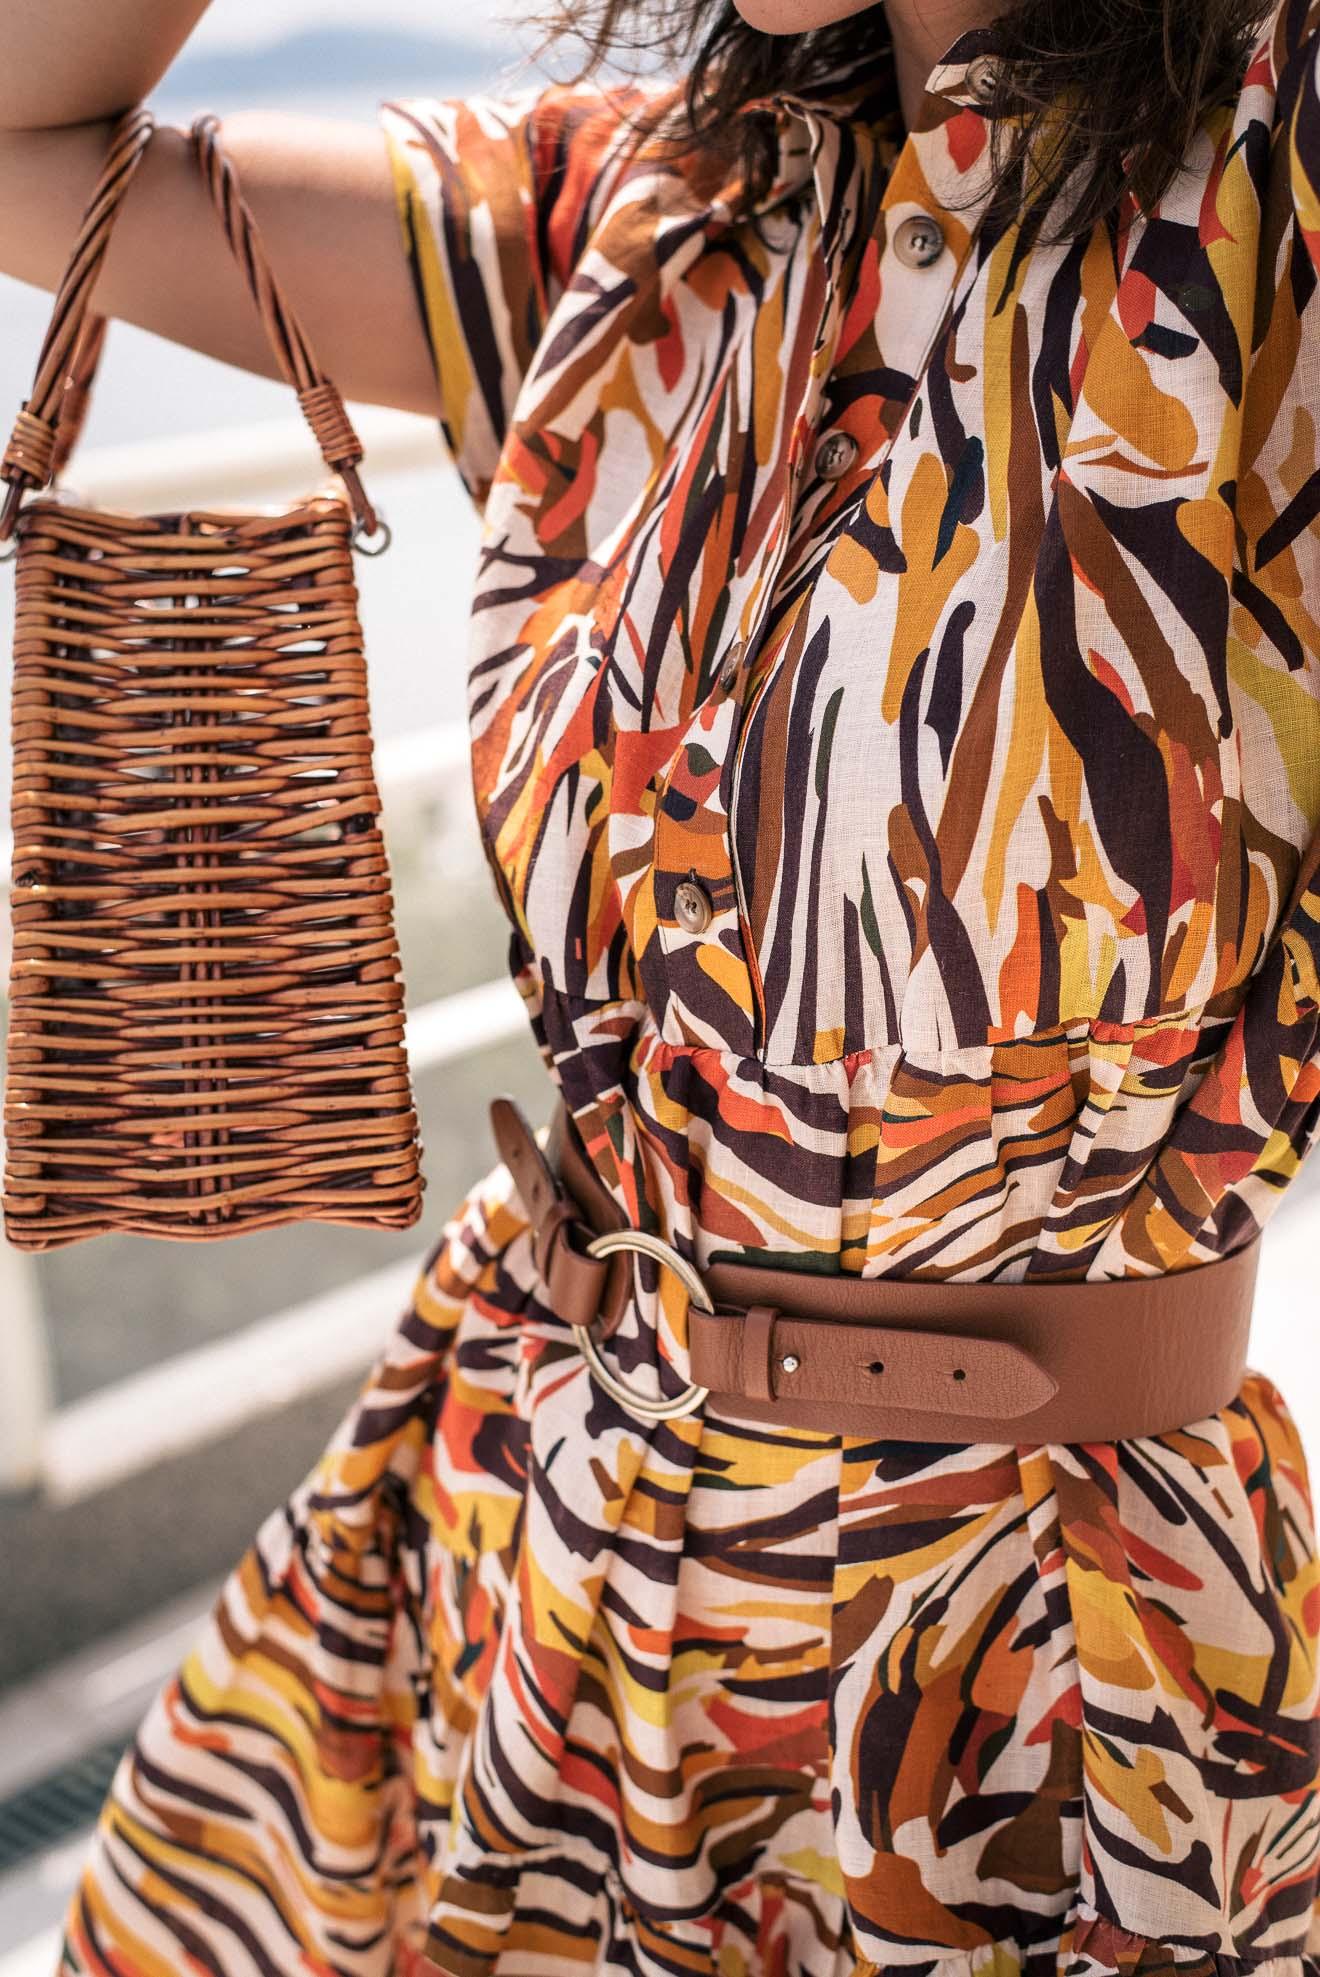 hot wave linen dress by Denina Martin